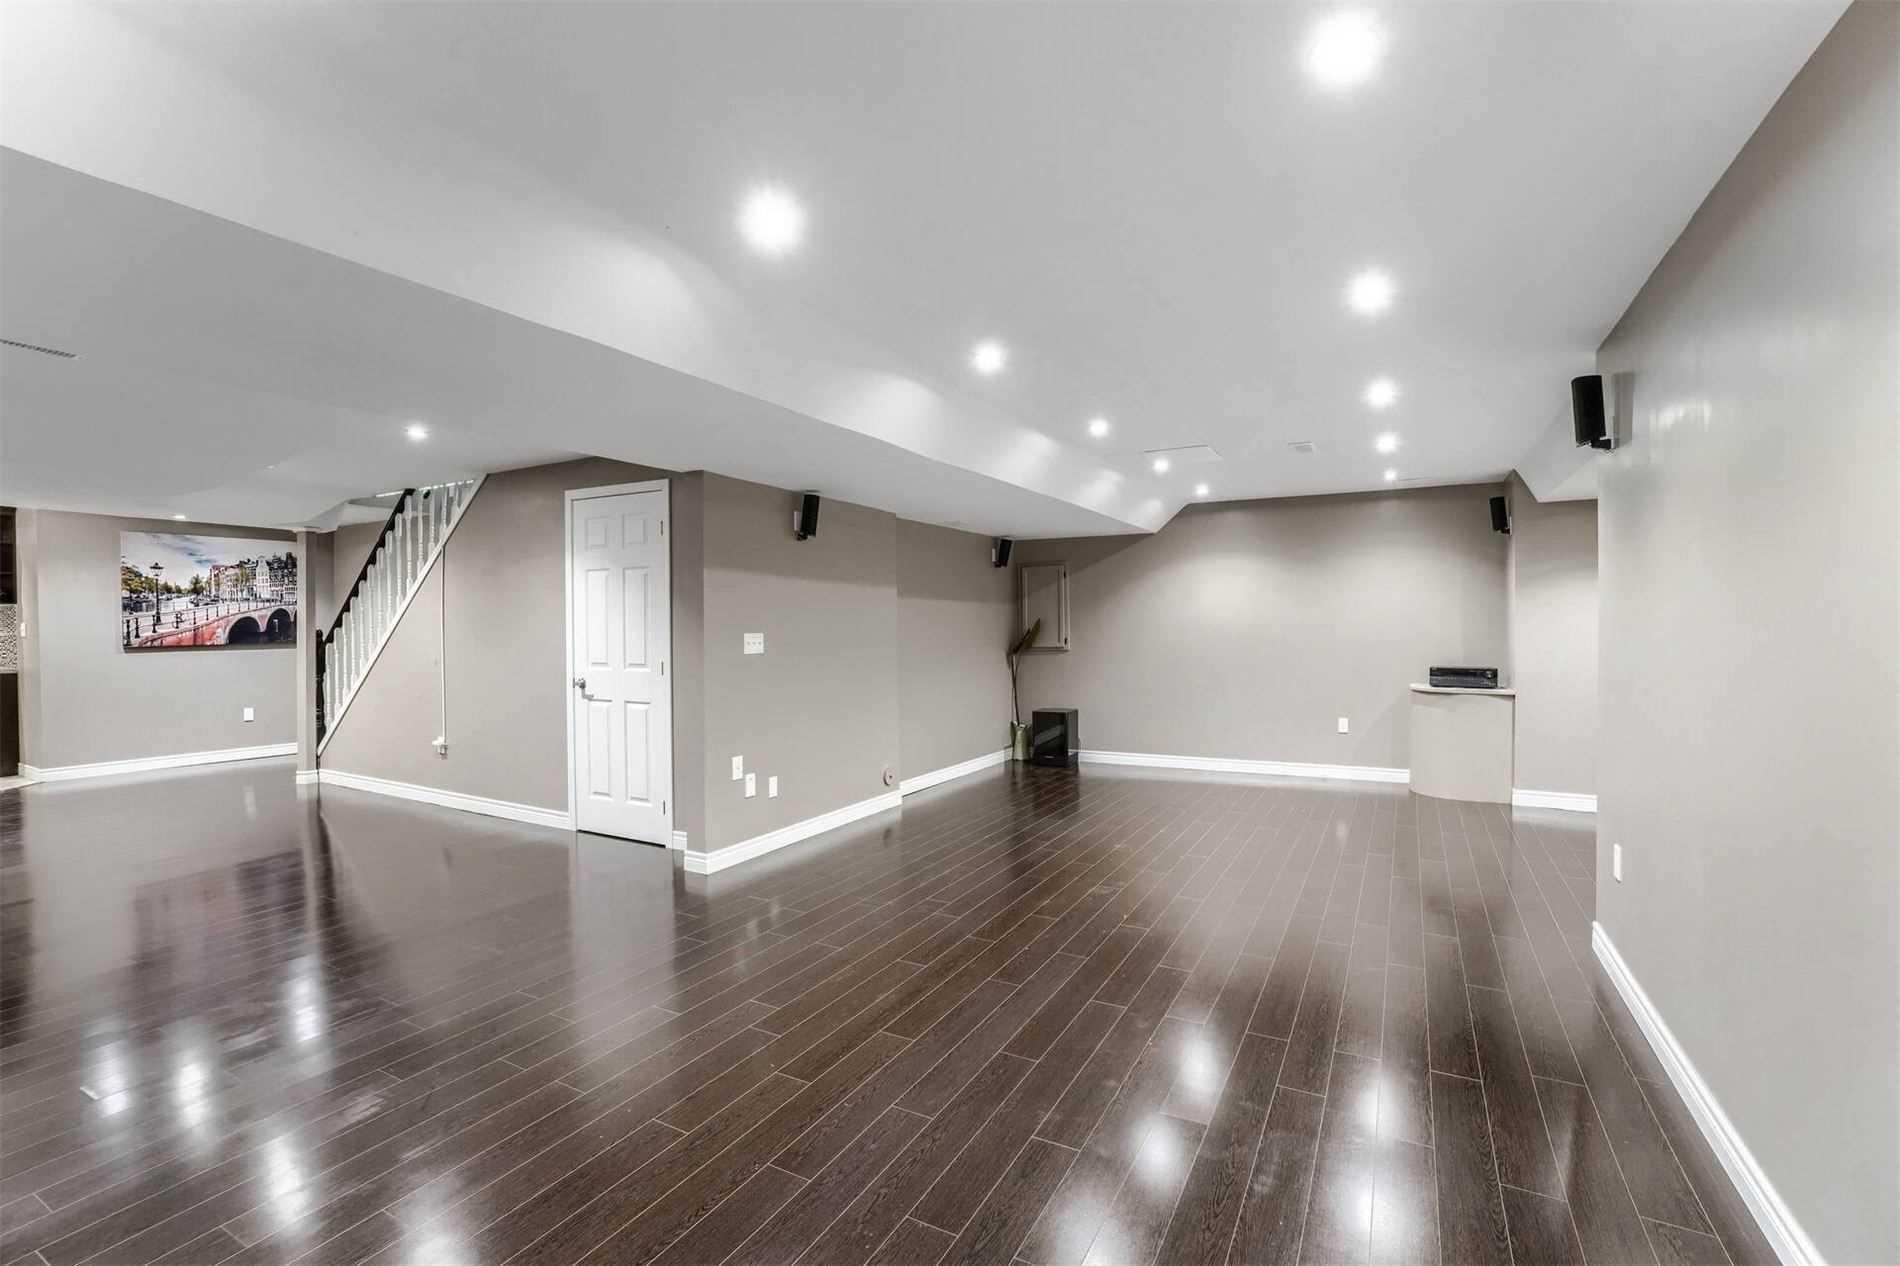 909 Hepburn Rd - Coates Detached for sale, 4 Bedrooms (W5398610) - #34